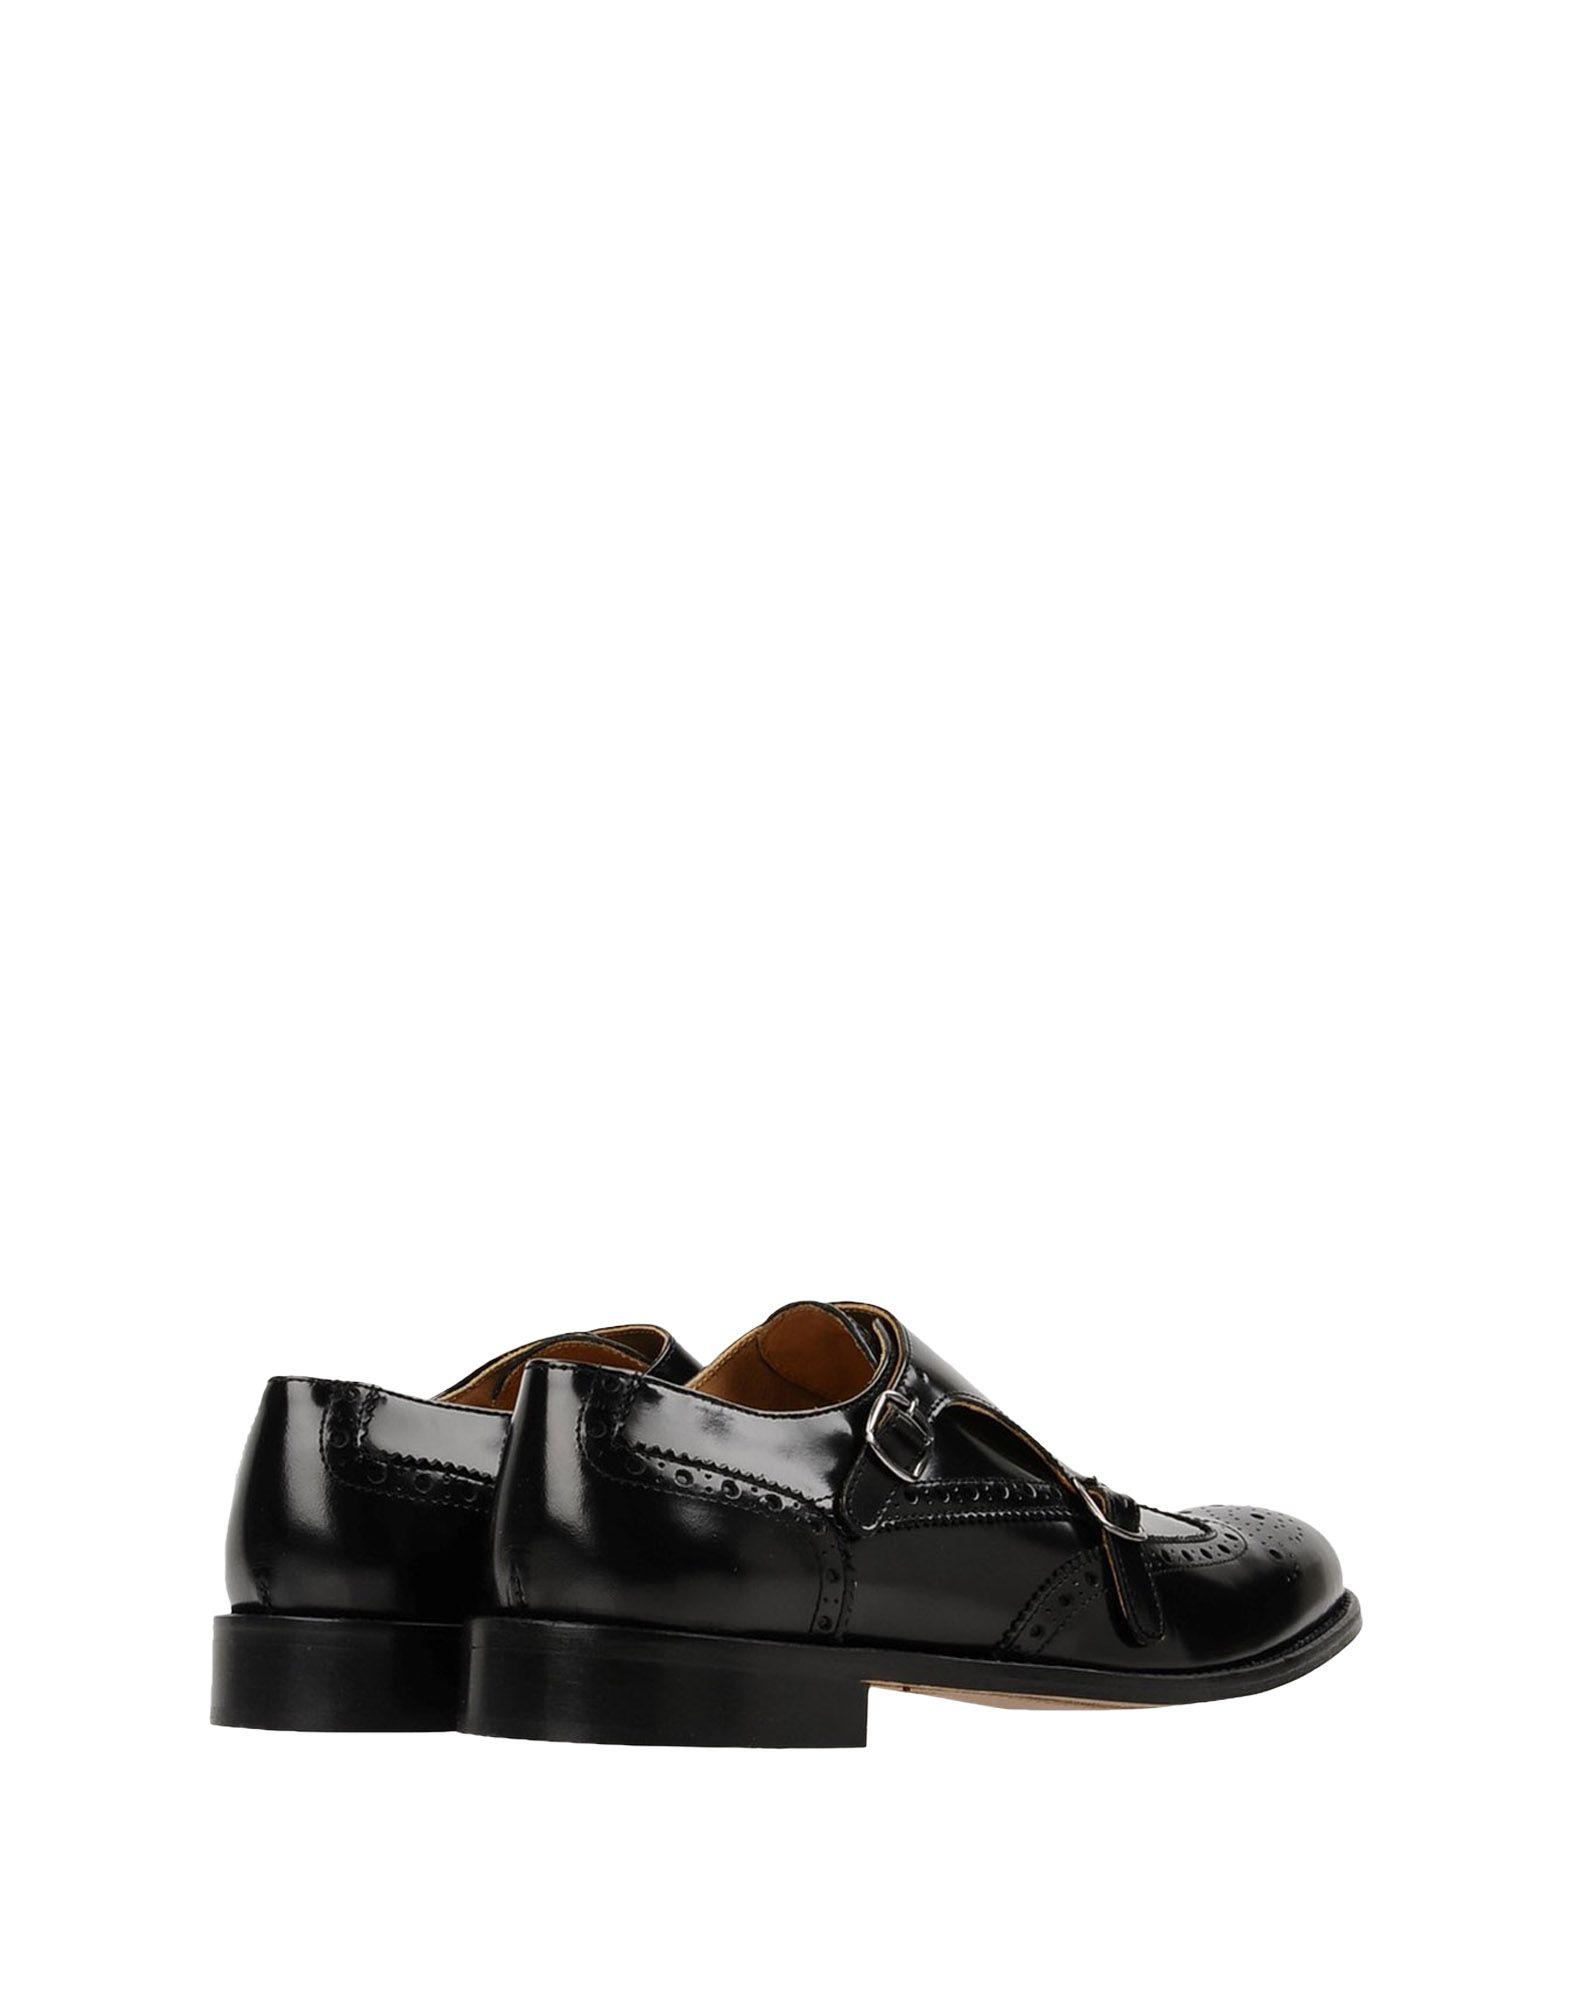 Leonardo Principi Mokassins Herren    11422248CI Neue Schuhe 6b0ee1